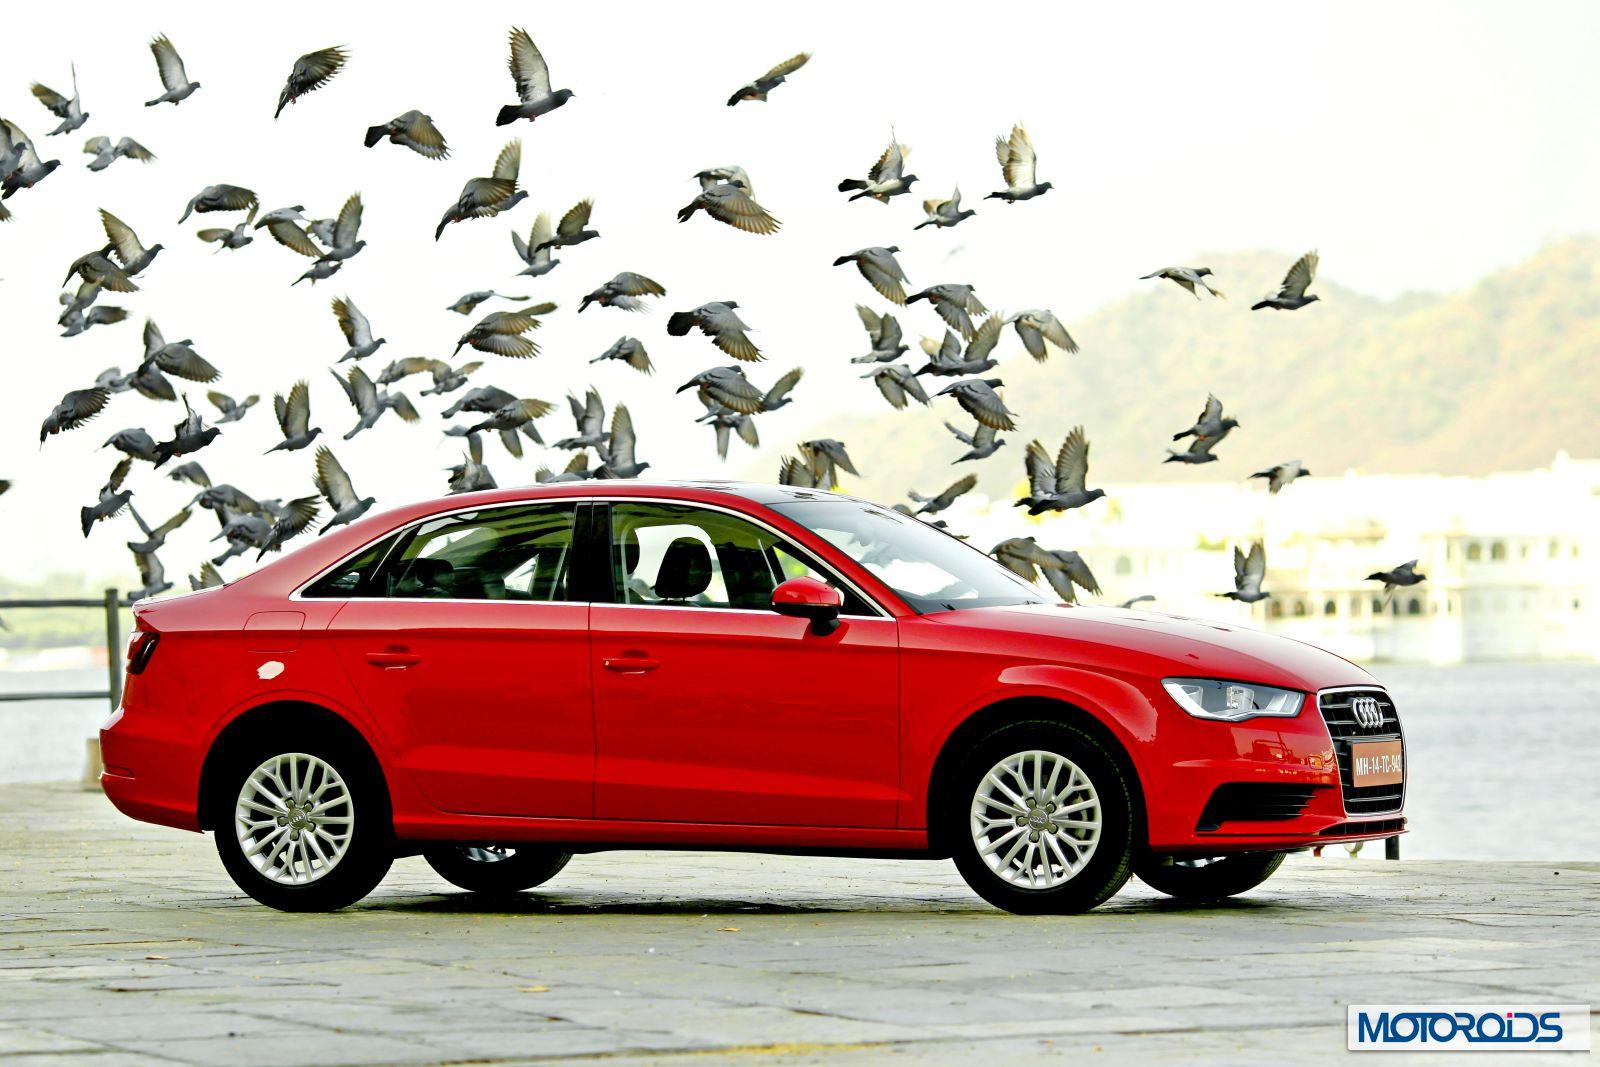 Audi A3 35 Tdi 2 0 Tdi Sedan India Review Compact Cult Motoroids